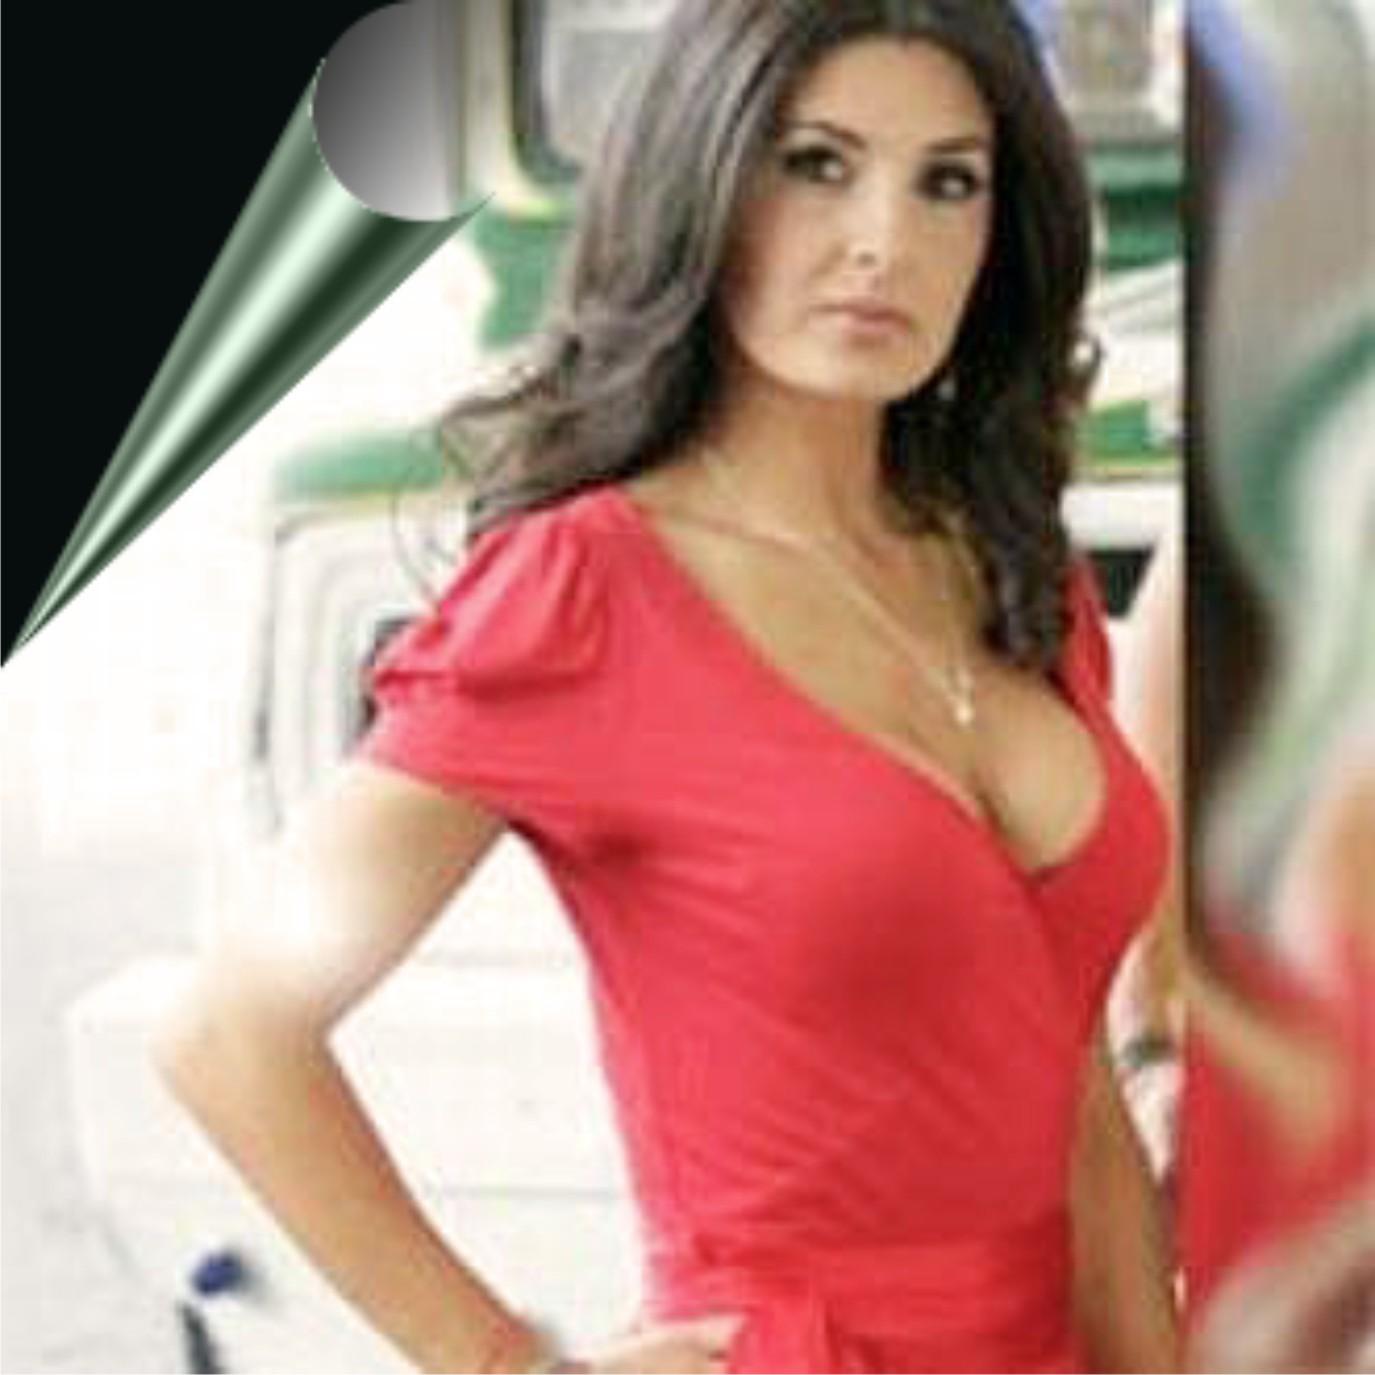 Mayrin Villanueva Culo Newhairstylesformen2014 Com